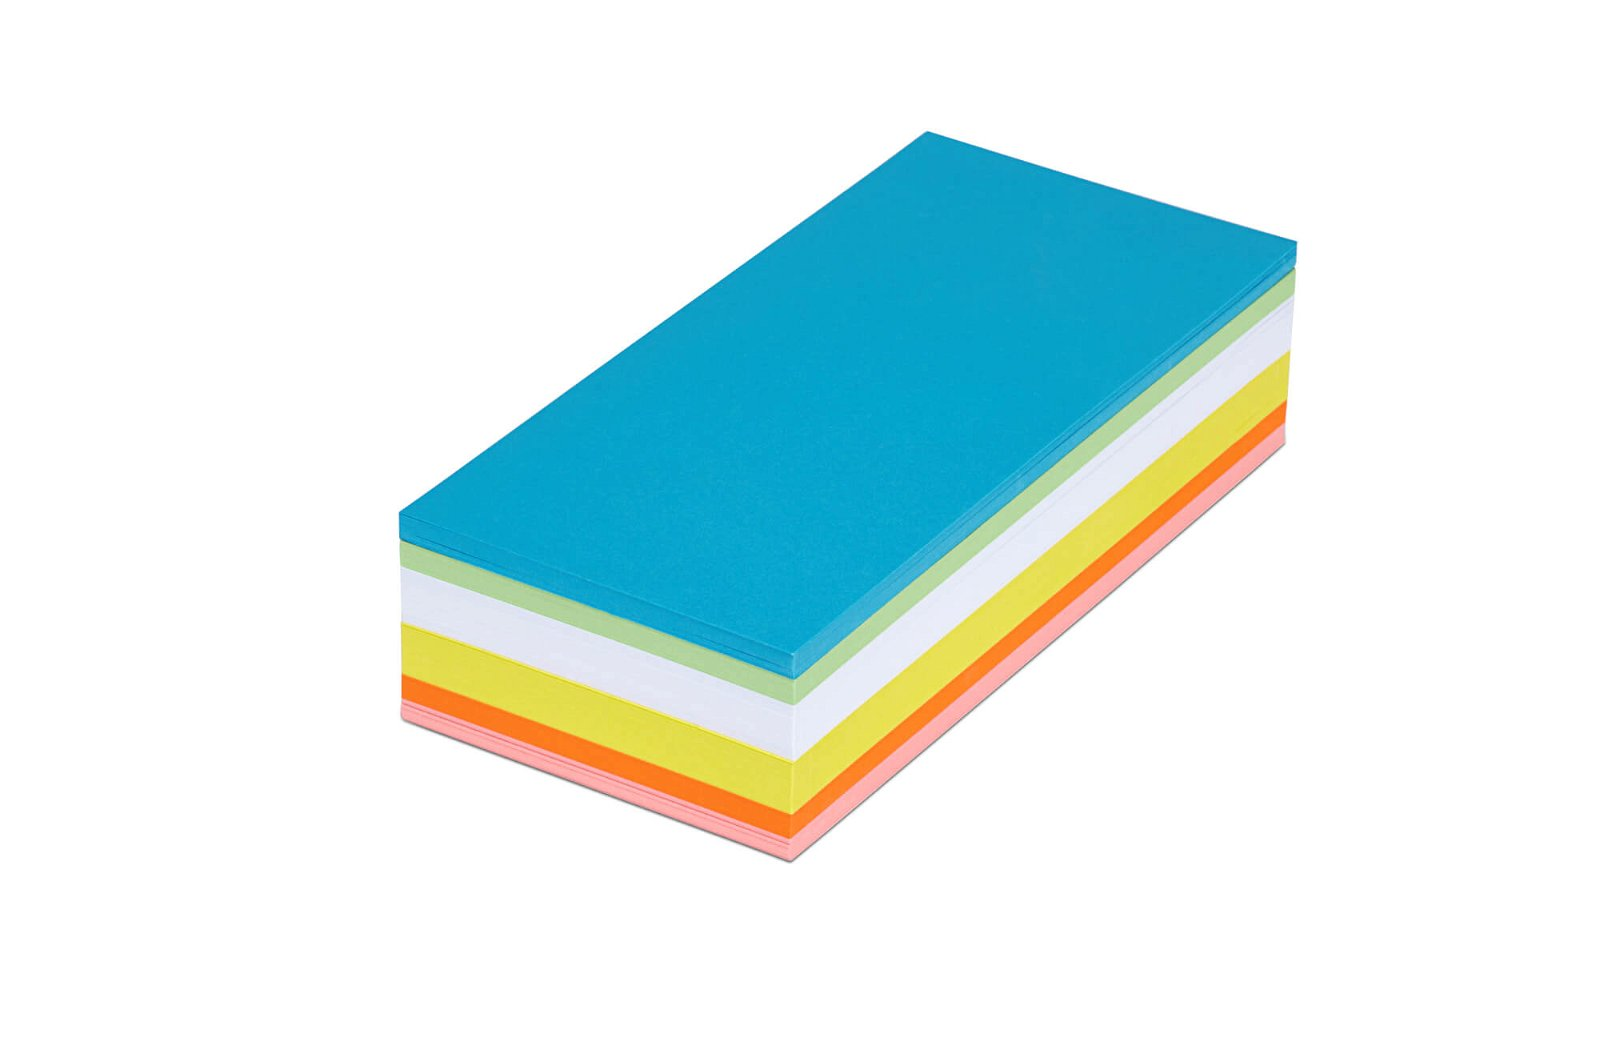 Moderationskarten rechteckig, 20,5 x 9,5 cm, 250 St./Pack, farbig sortiert